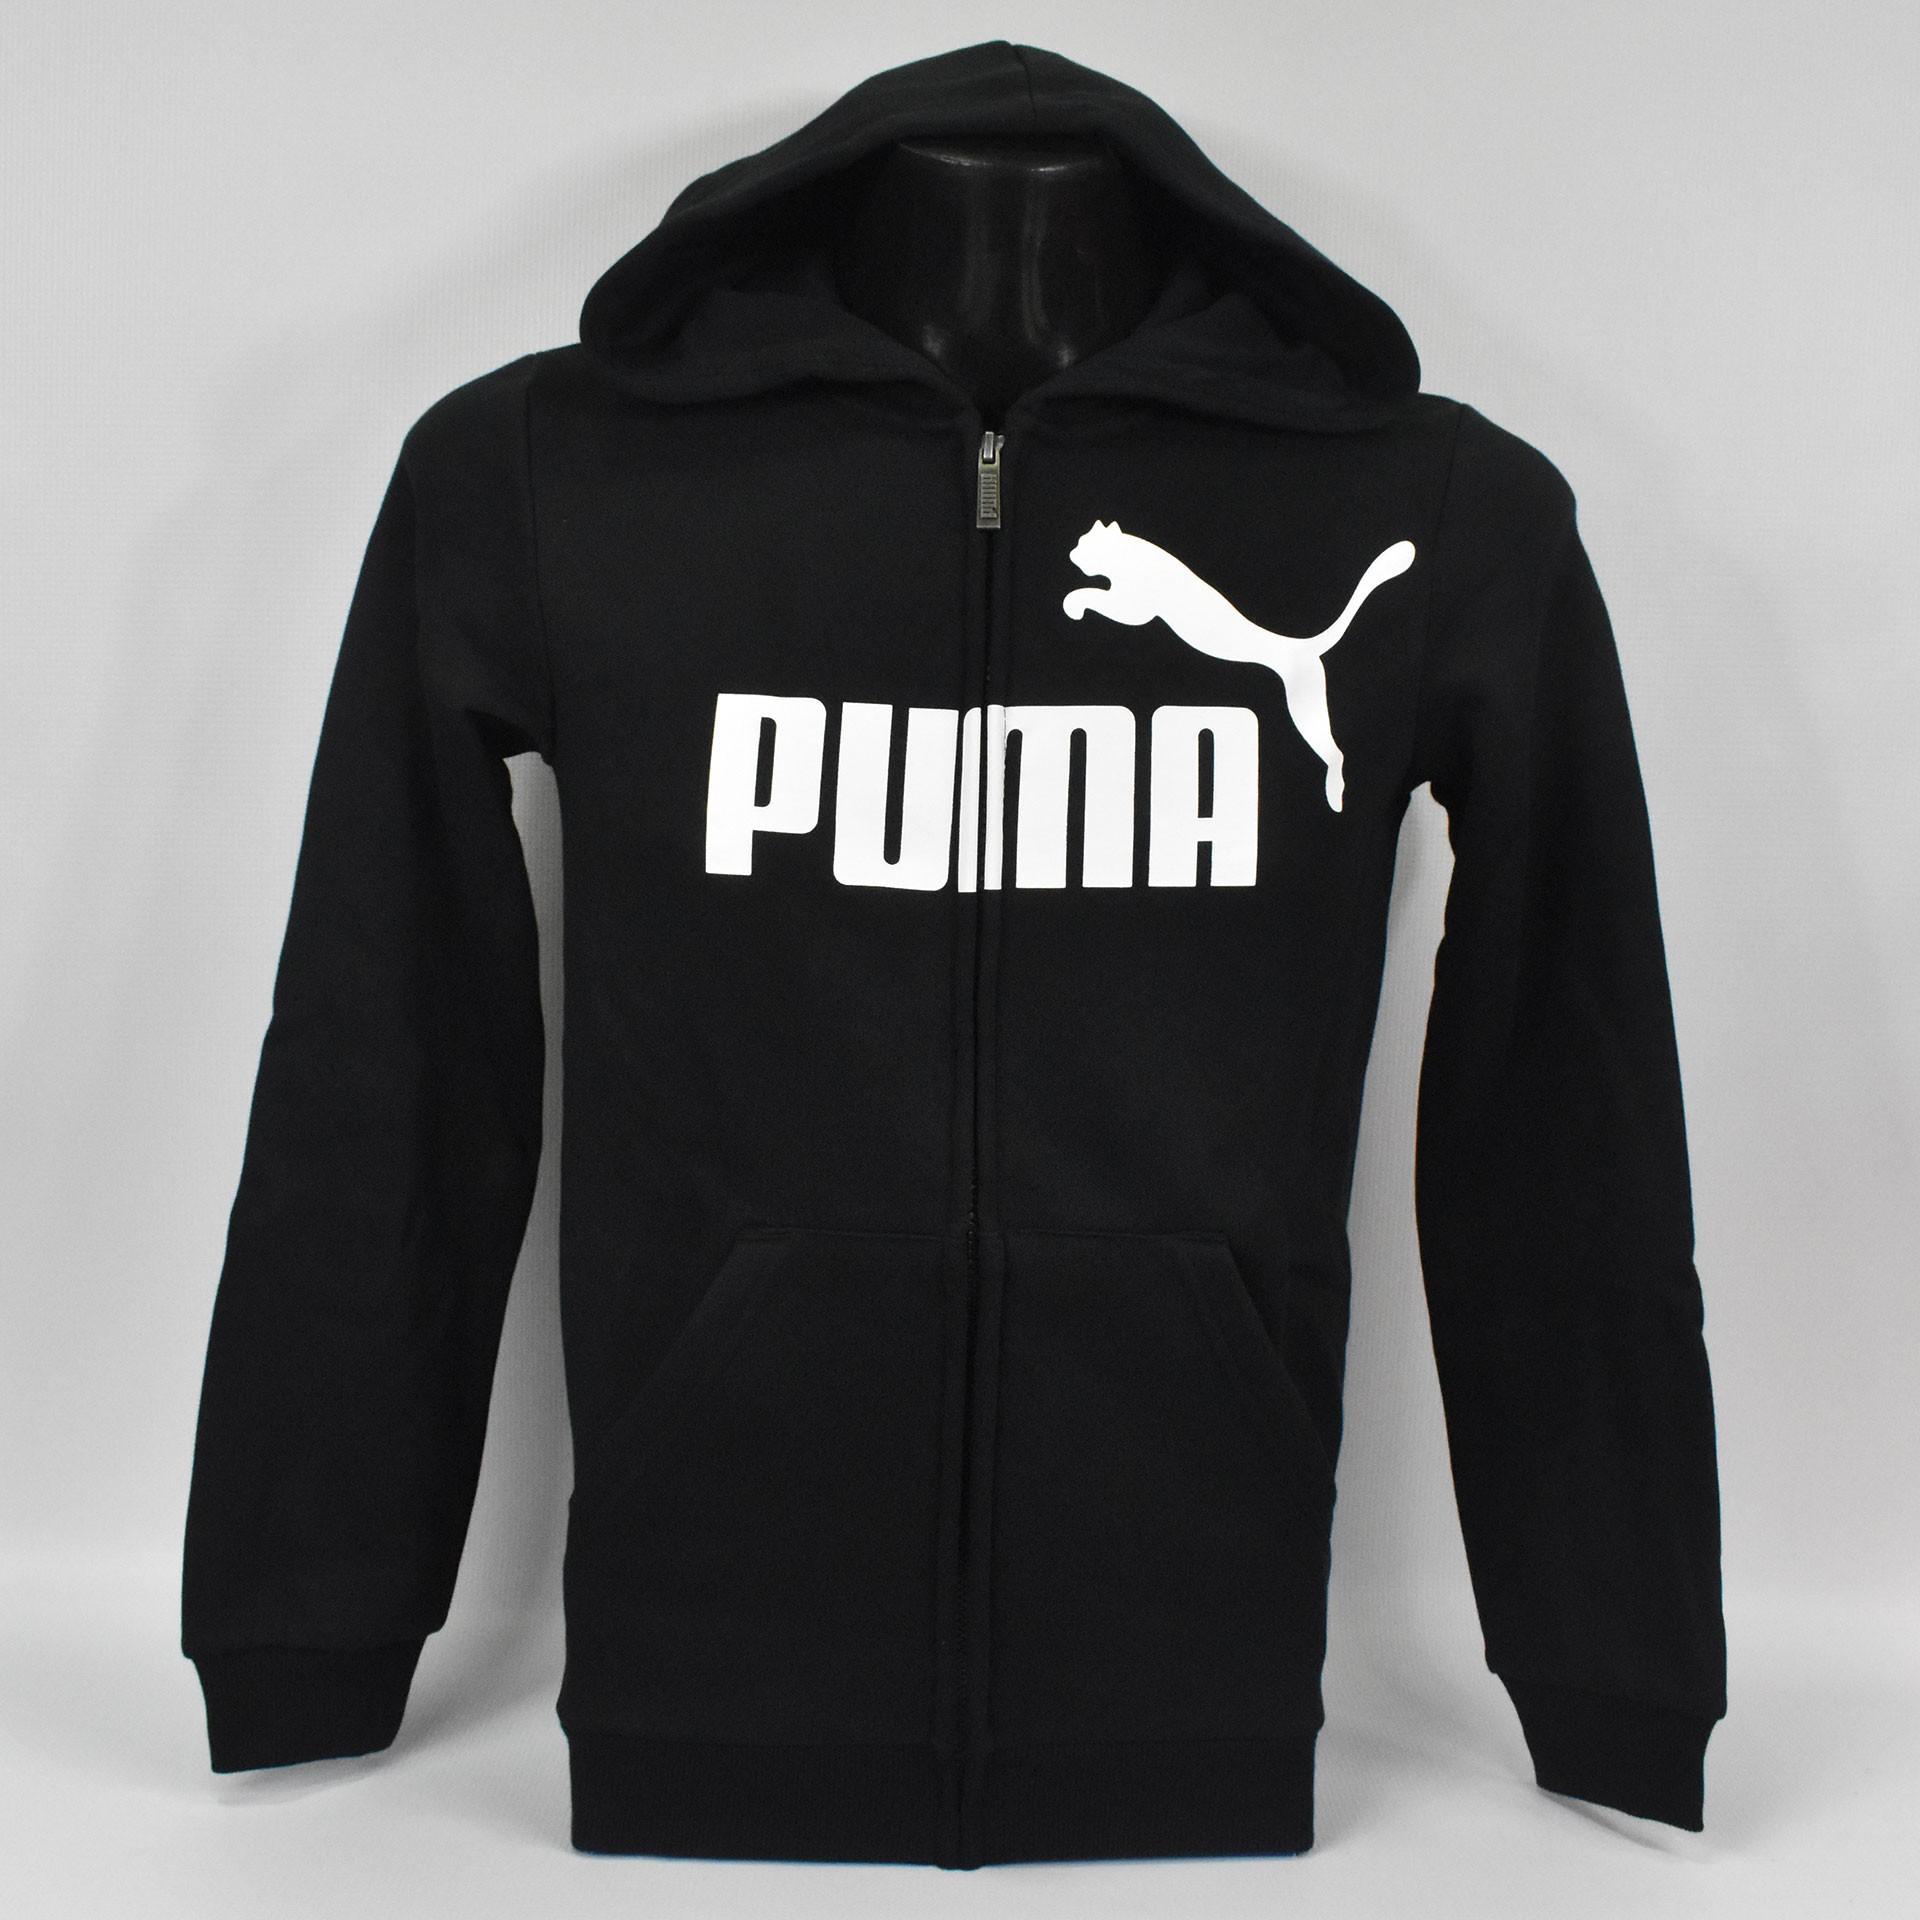 Bluza młodzieżowa z kapturem Puma ESS Hooded Jacket - 852102 01 - 1